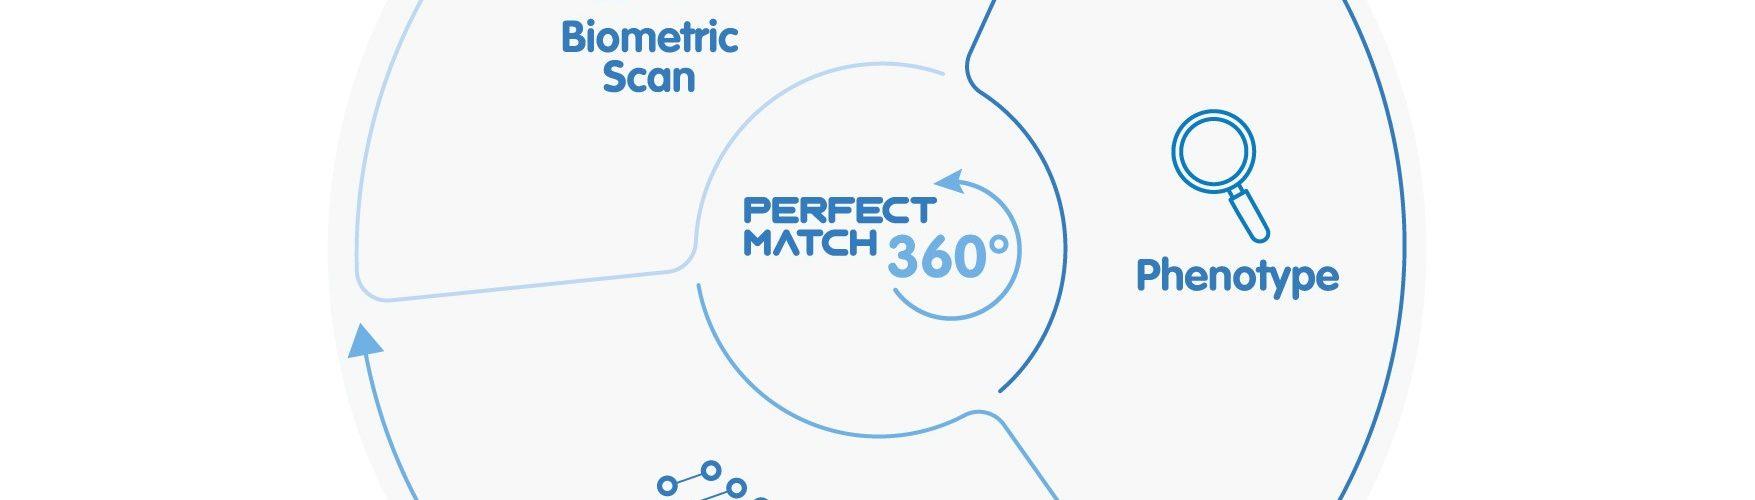 Perfect Match 360